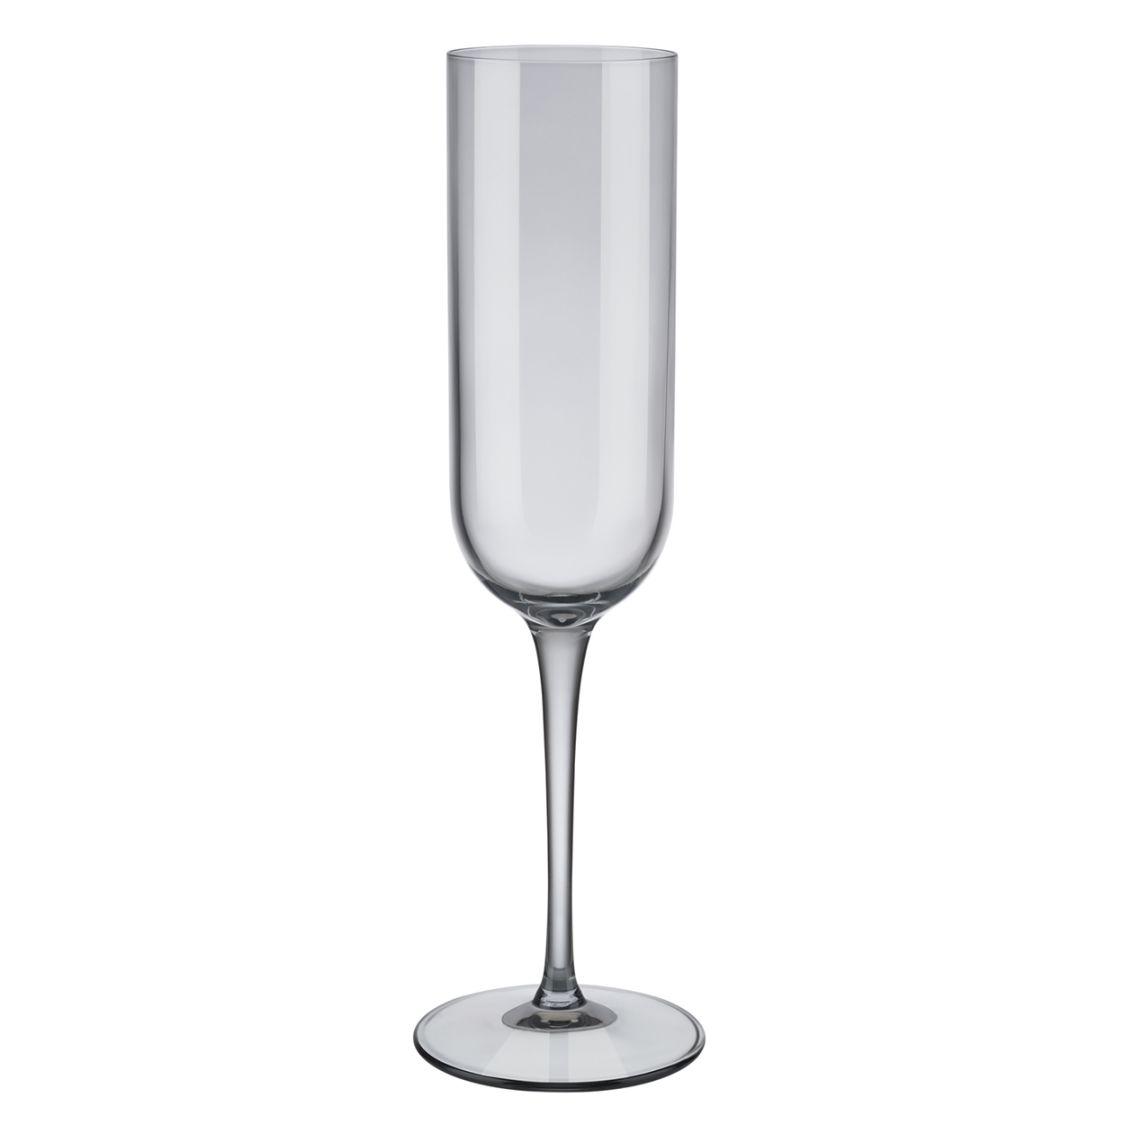 Sada vysokých sklenic na šampaňské FUUM 4ks, kouřová - Blomus